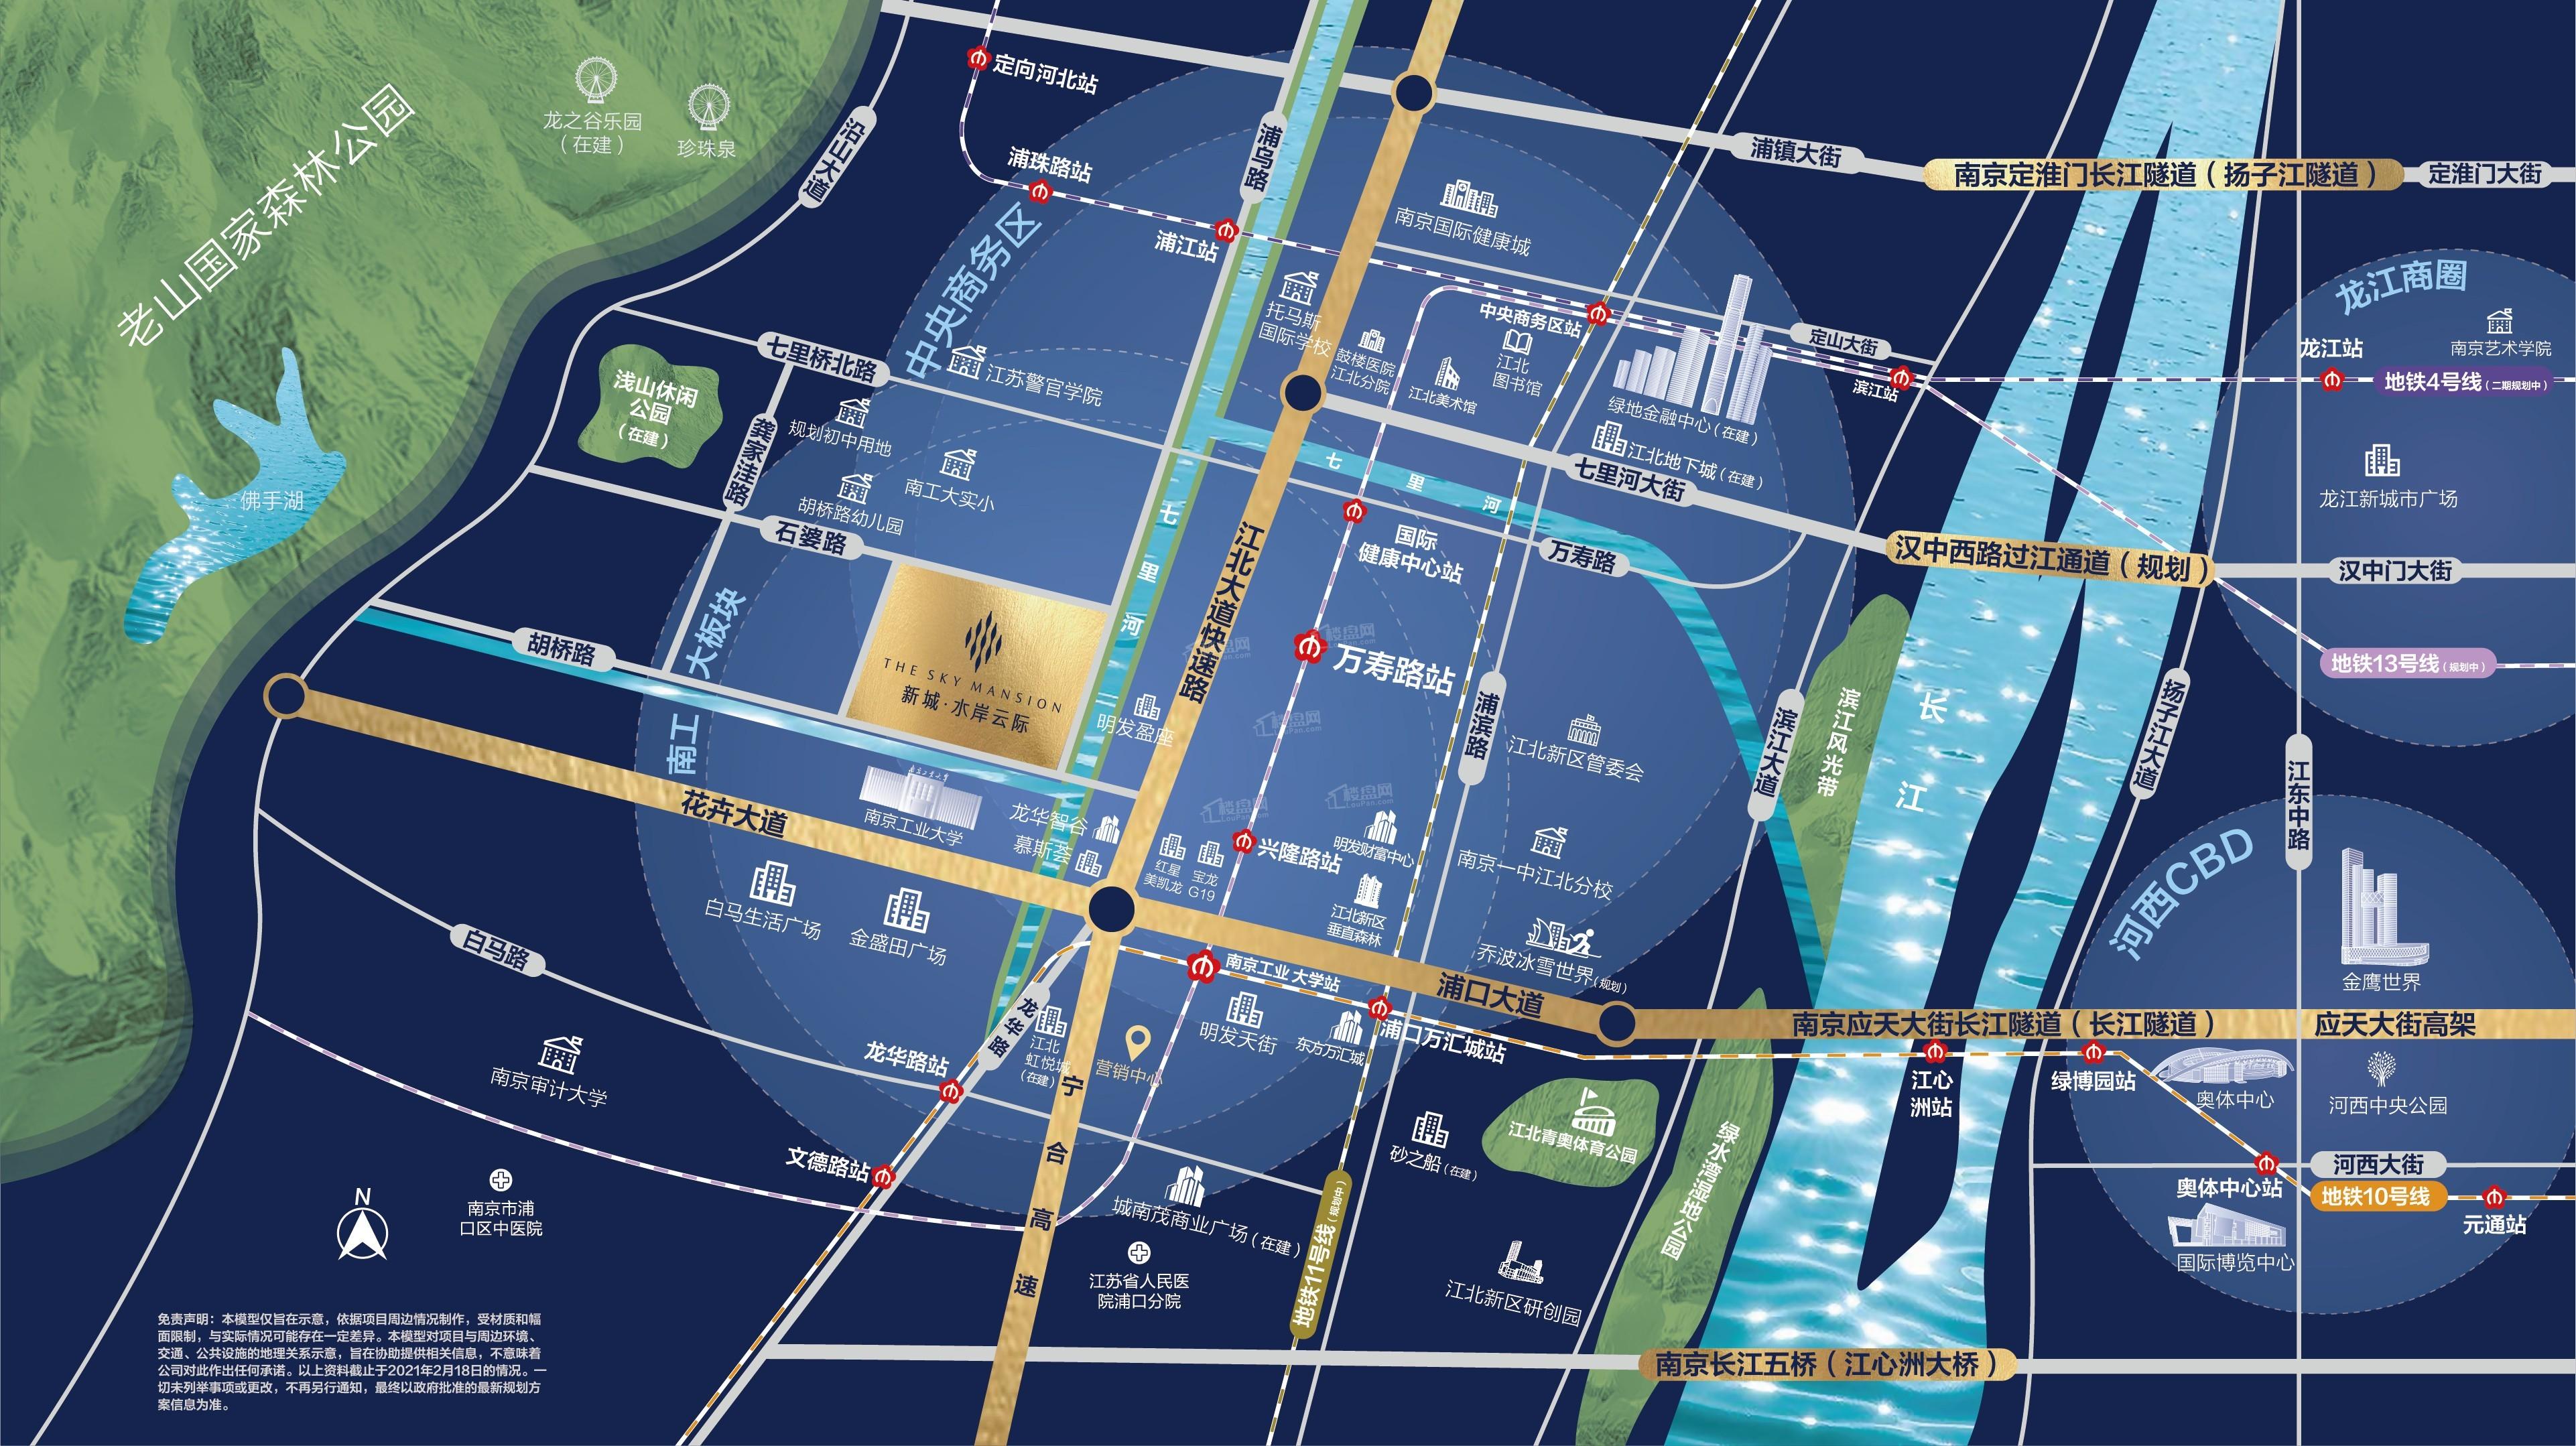 新城·水岸云际位置图